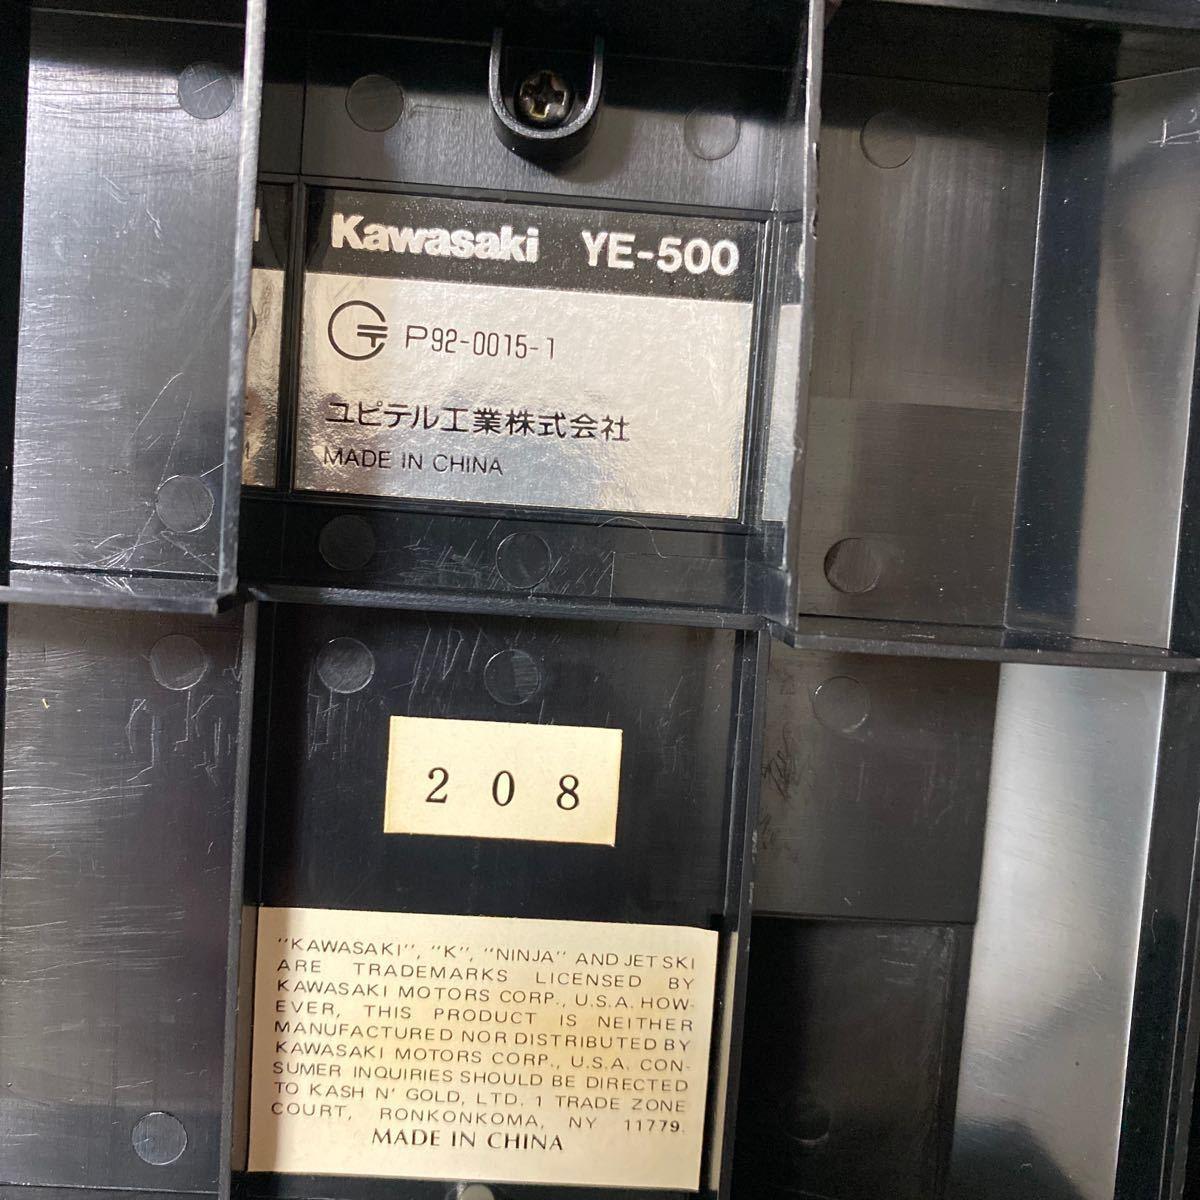 【現状渡し】Kawasaki YE-500 バイク型固定電話 ユピテル工業株式会社 レトロ コレクション品 カワサキ バイク アンティーク 電話機電話器_画像10